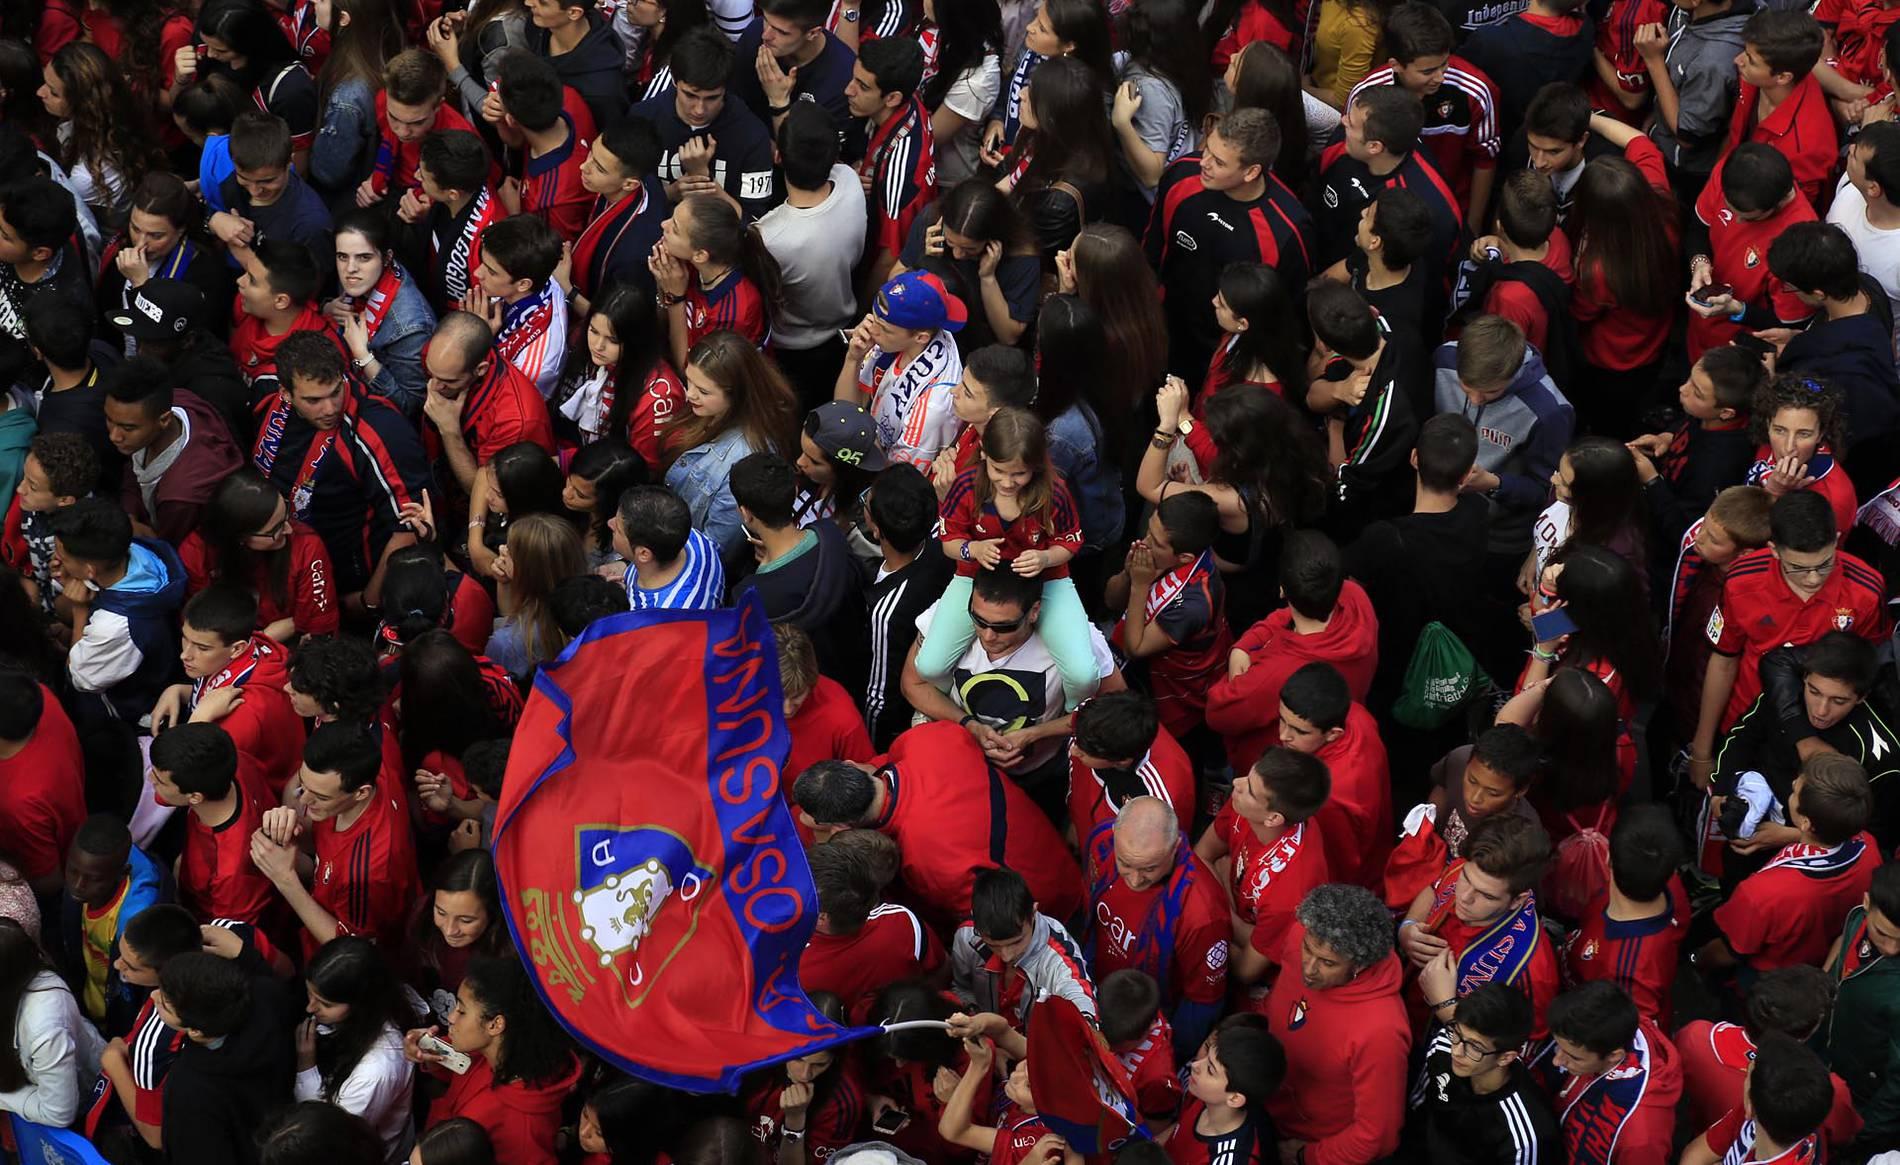 Homenaje a Osasuna en el Ayuntamiento de Pamplona por el ascenso (I) (1/49) - La Plaza Consistorial se tiñó de rojo en la celebración del ascenso de Osasuna a Primera División. - Osasuna -